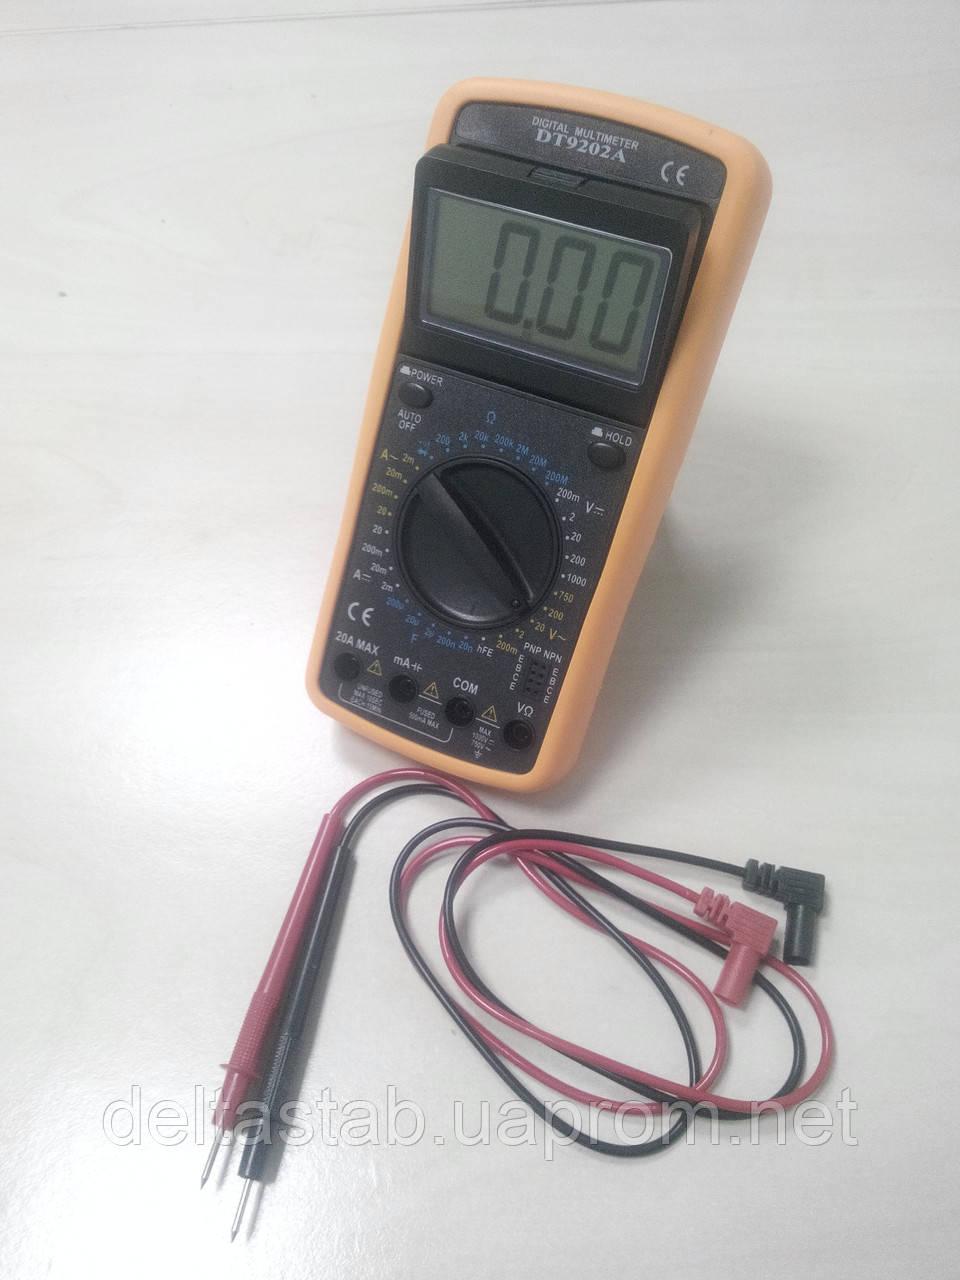 Мультиметр DT-9202A, тестер цифровой - Интернет-магазин DELTA в Ужгороде